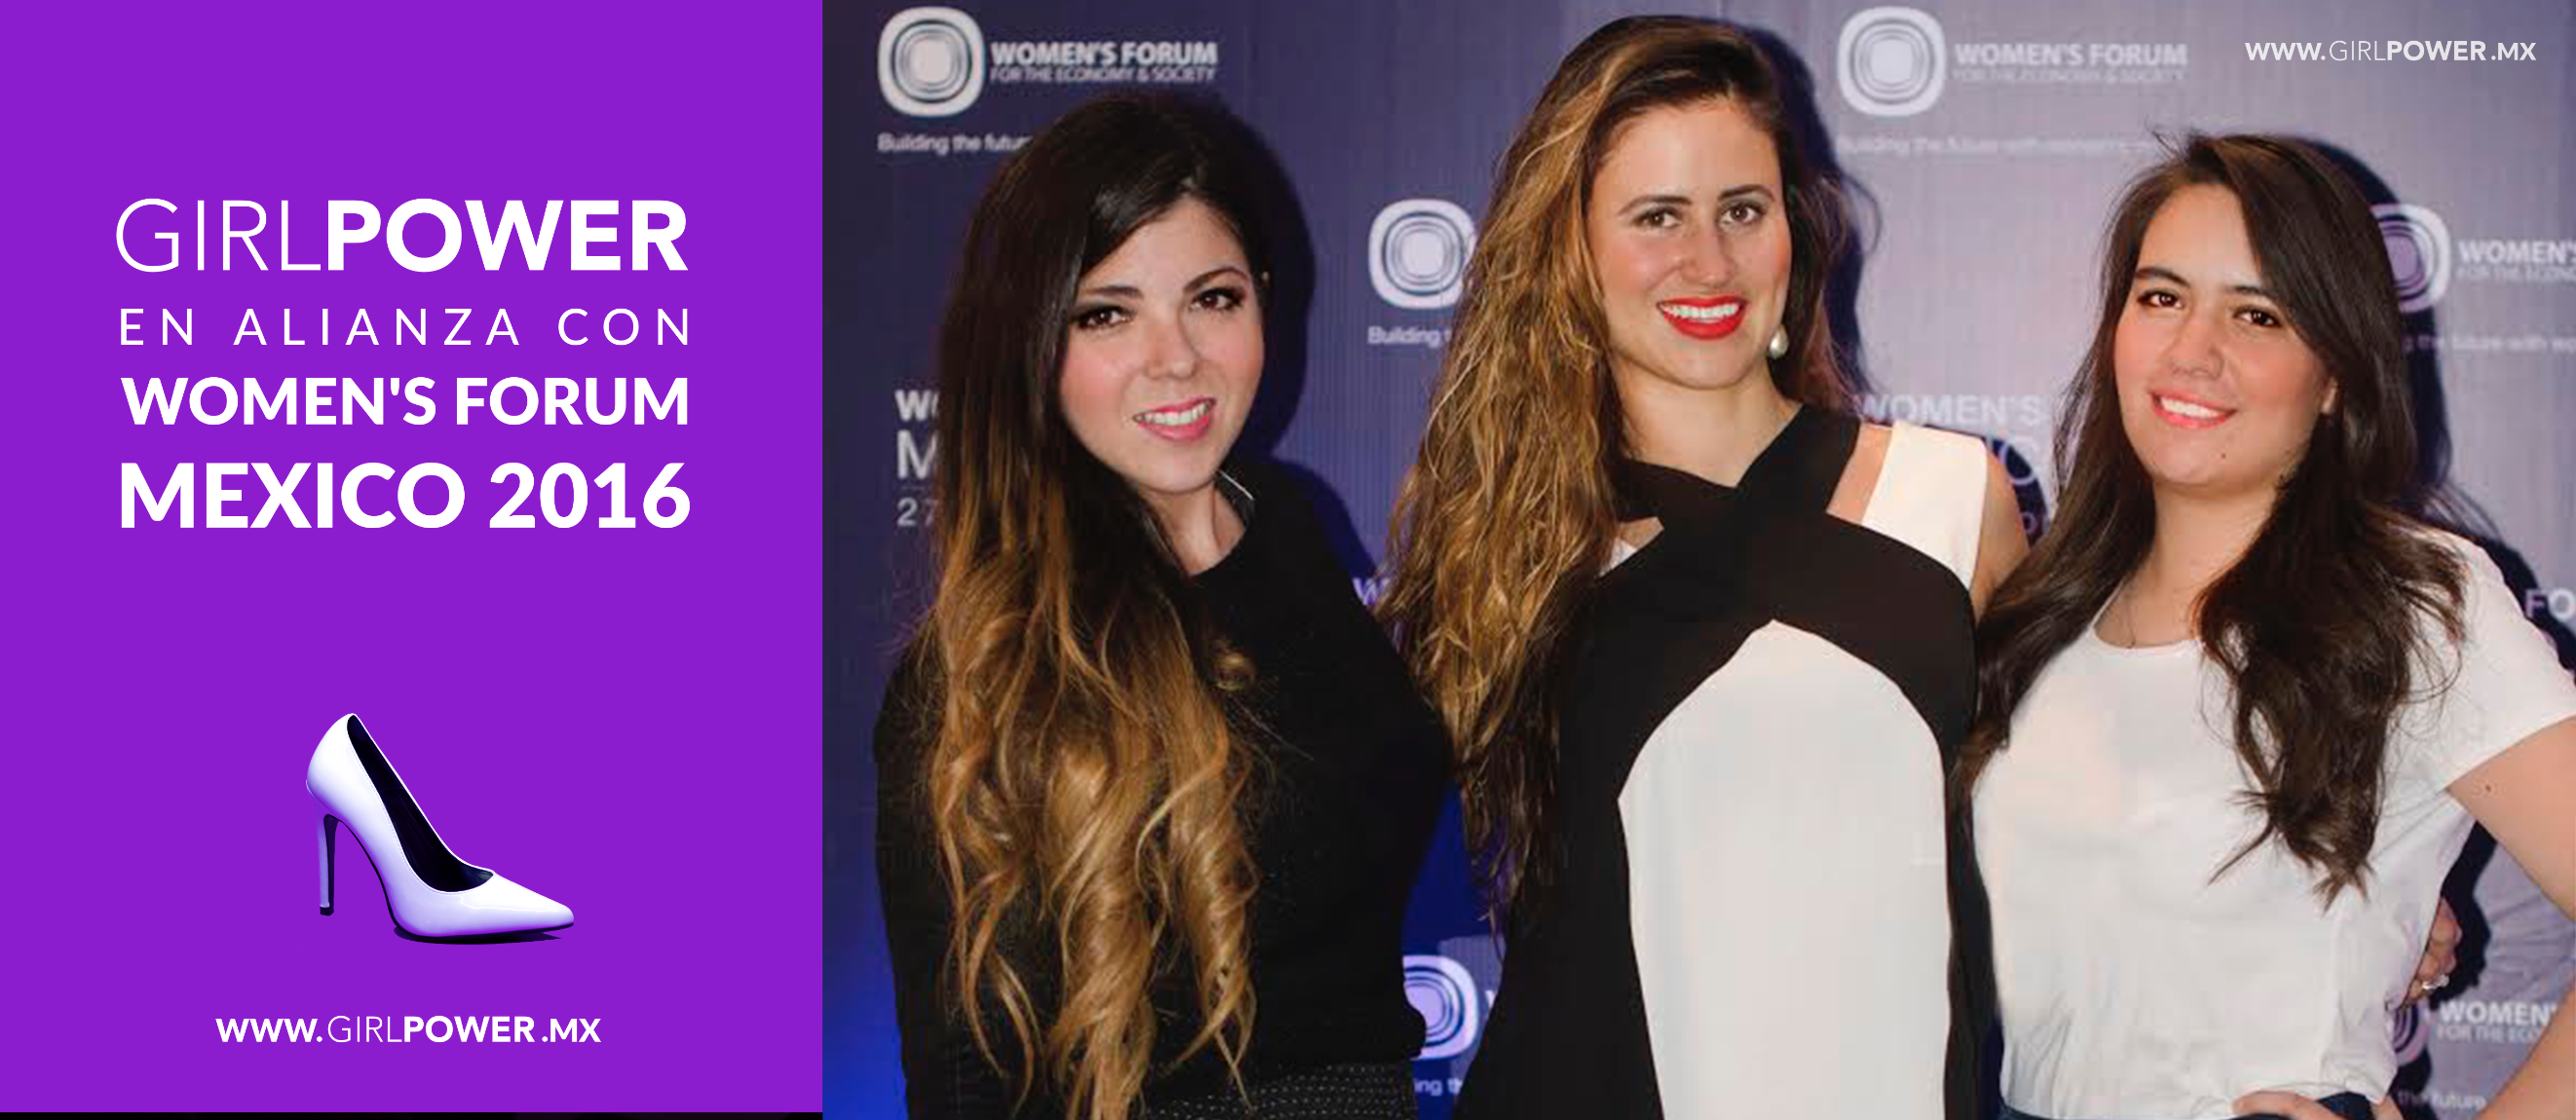 Women's Forum México 2016 Recap #WFMX16